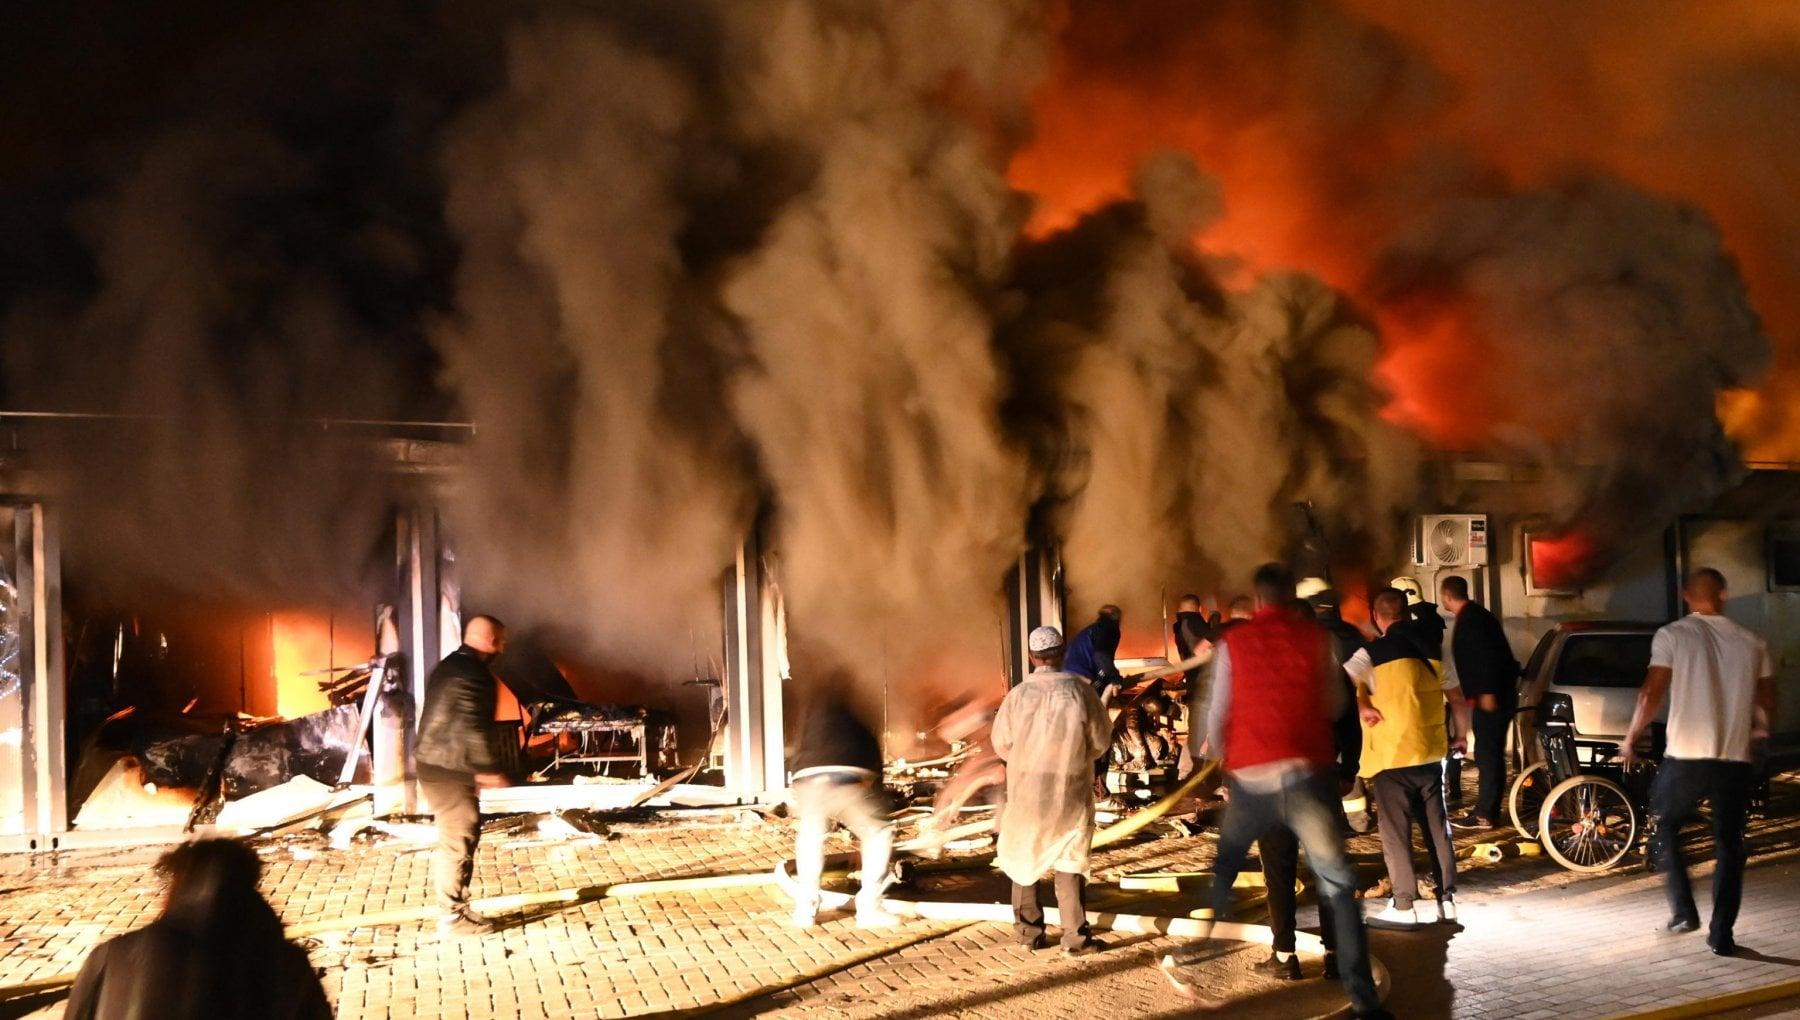 032212426 075facf8 a0f4 4b36 971f 62584c7dd852 - Macedonia del Nord: incendio devasta un ospedale Covid, almeno 10 morti